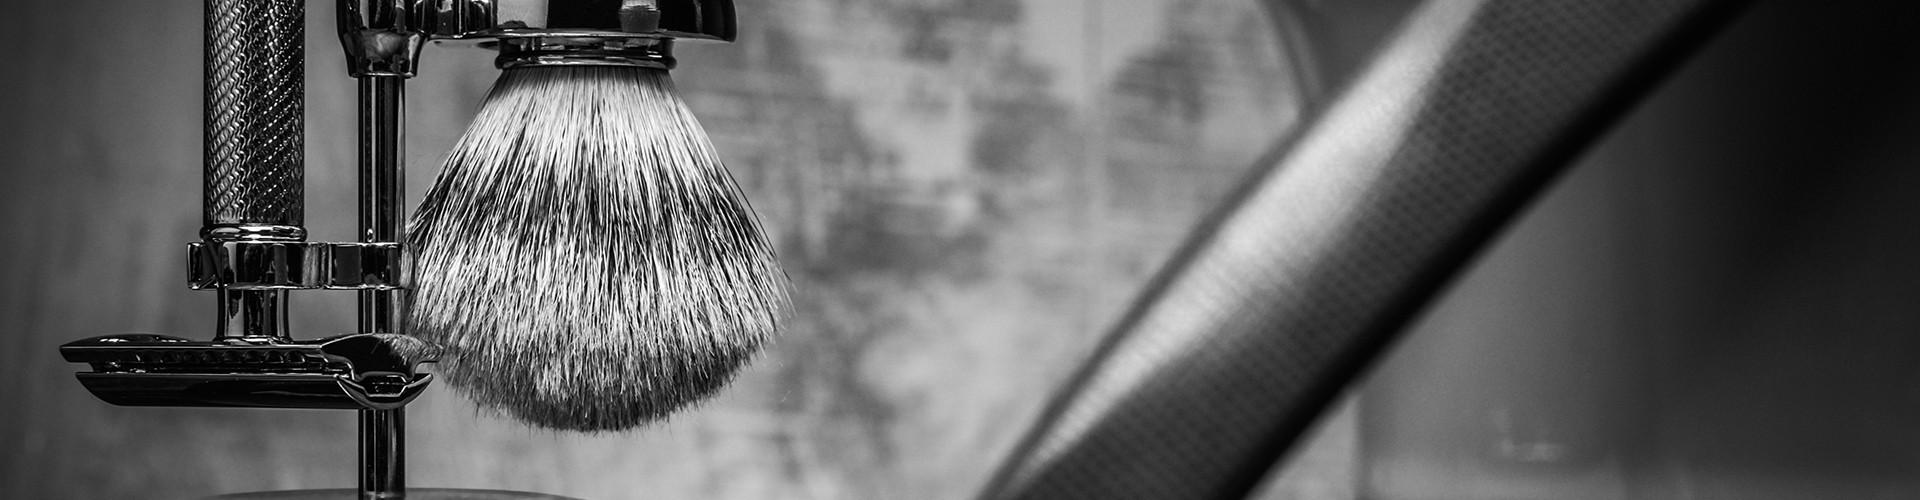 Support pour rasoir et blaireau de rasage classique